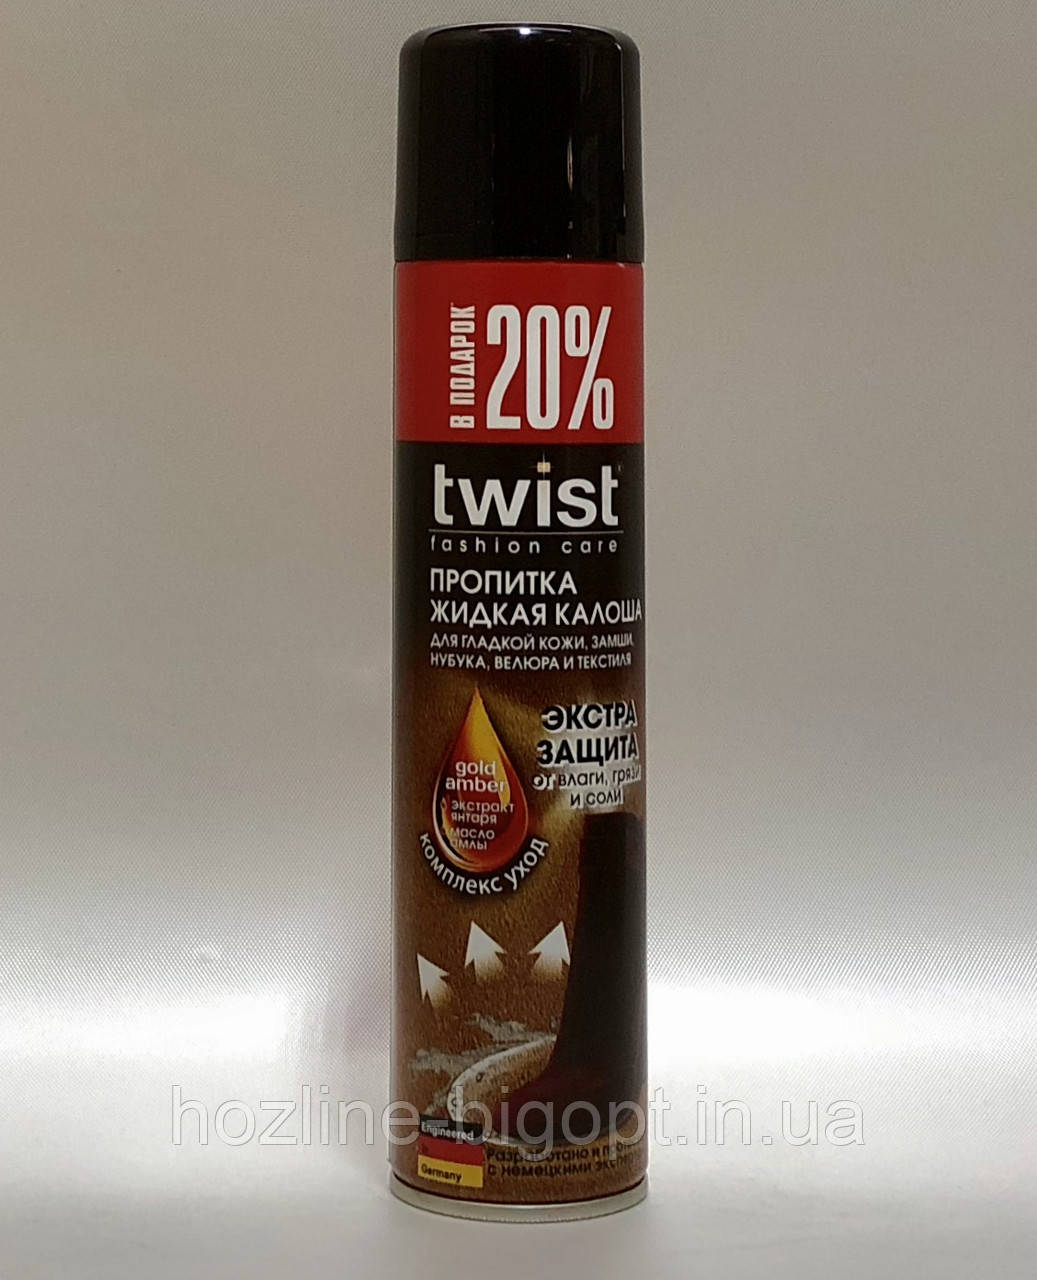 TWIST Водоотталкивающая пропитка аэрозоль 250 мл +20% в подарок